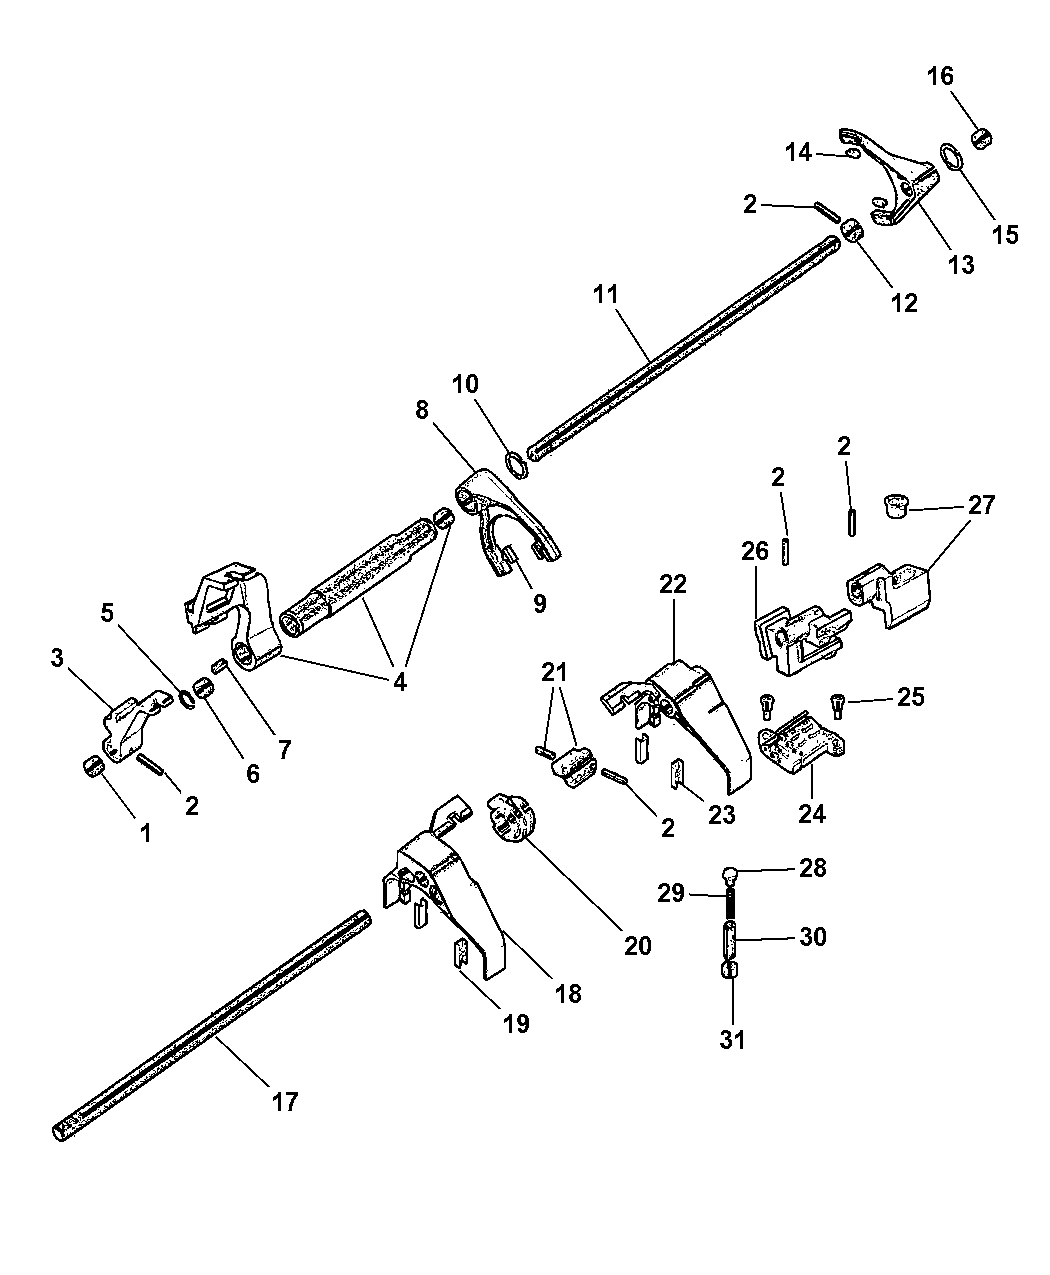 2012 dodge challenger repair manual